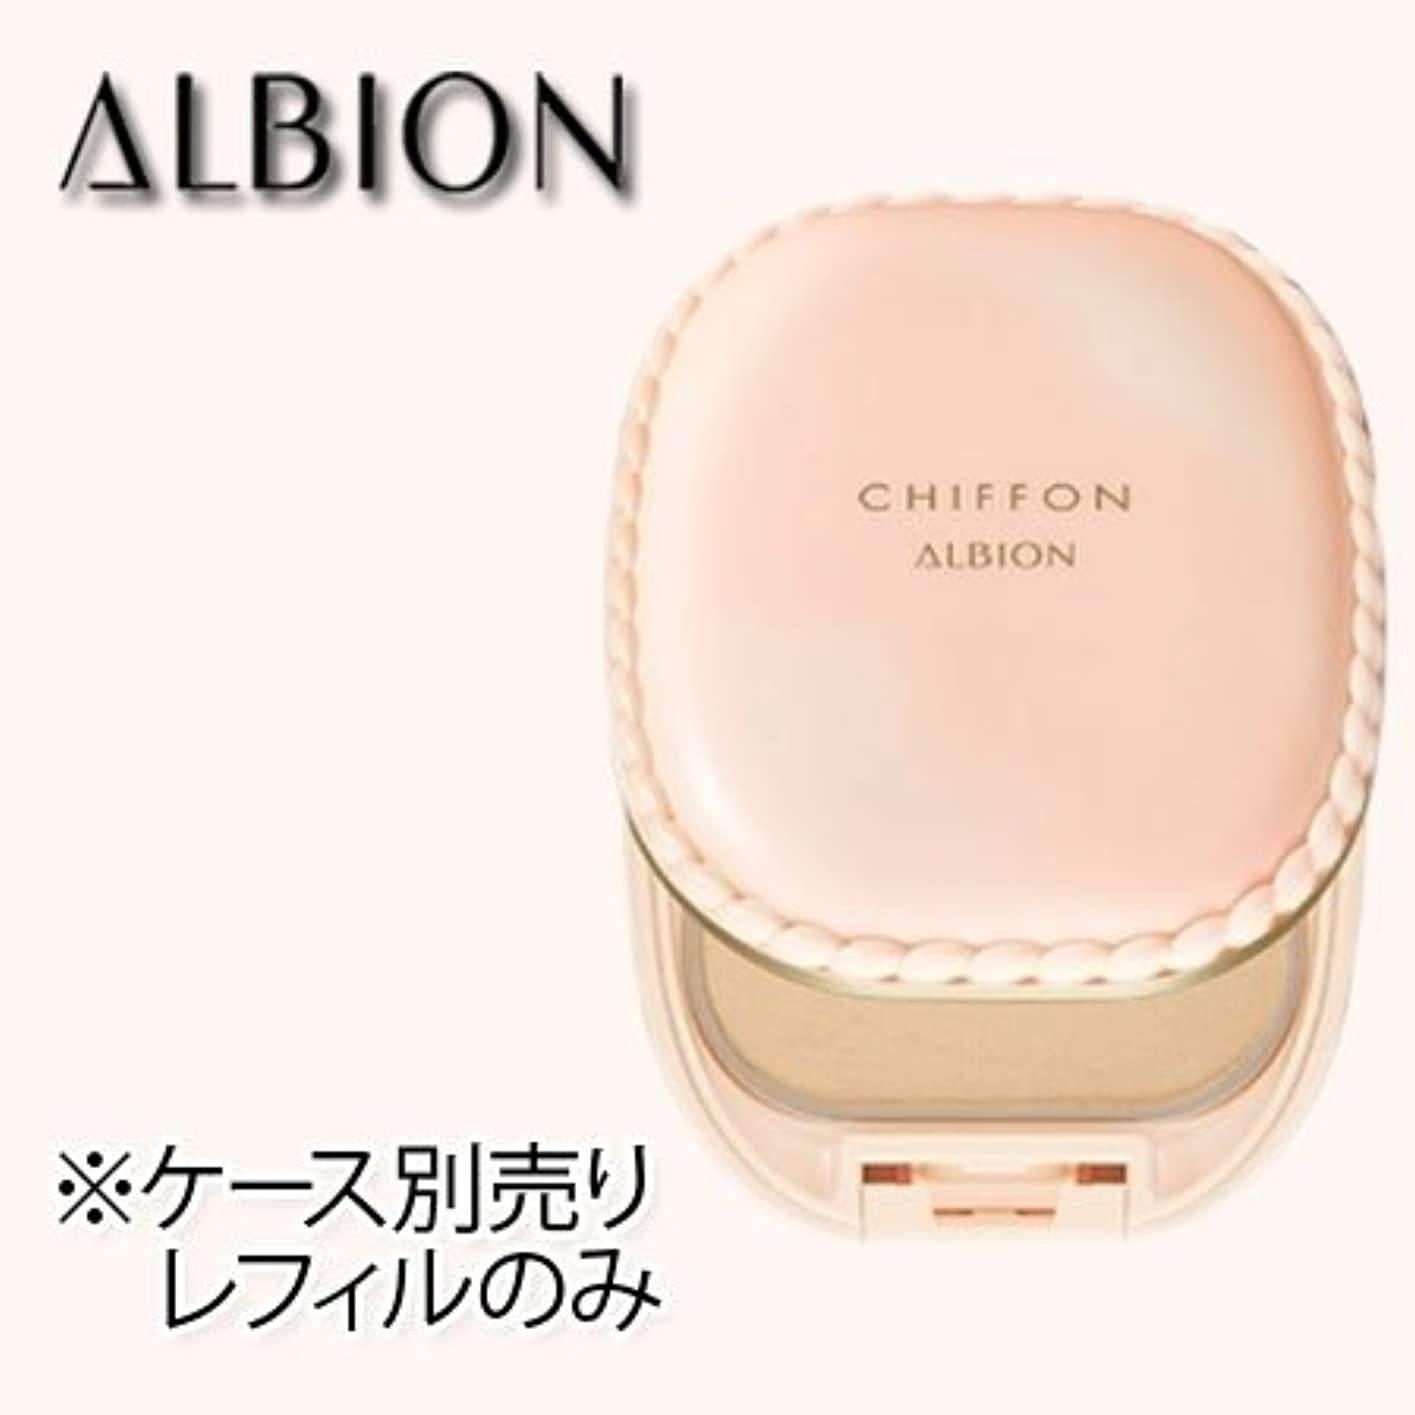 ボード中で論争アルビオン スウィート モイスチュア シフォン (レフィル) 10g 6色 SPF22 PA++-ALBION- 060